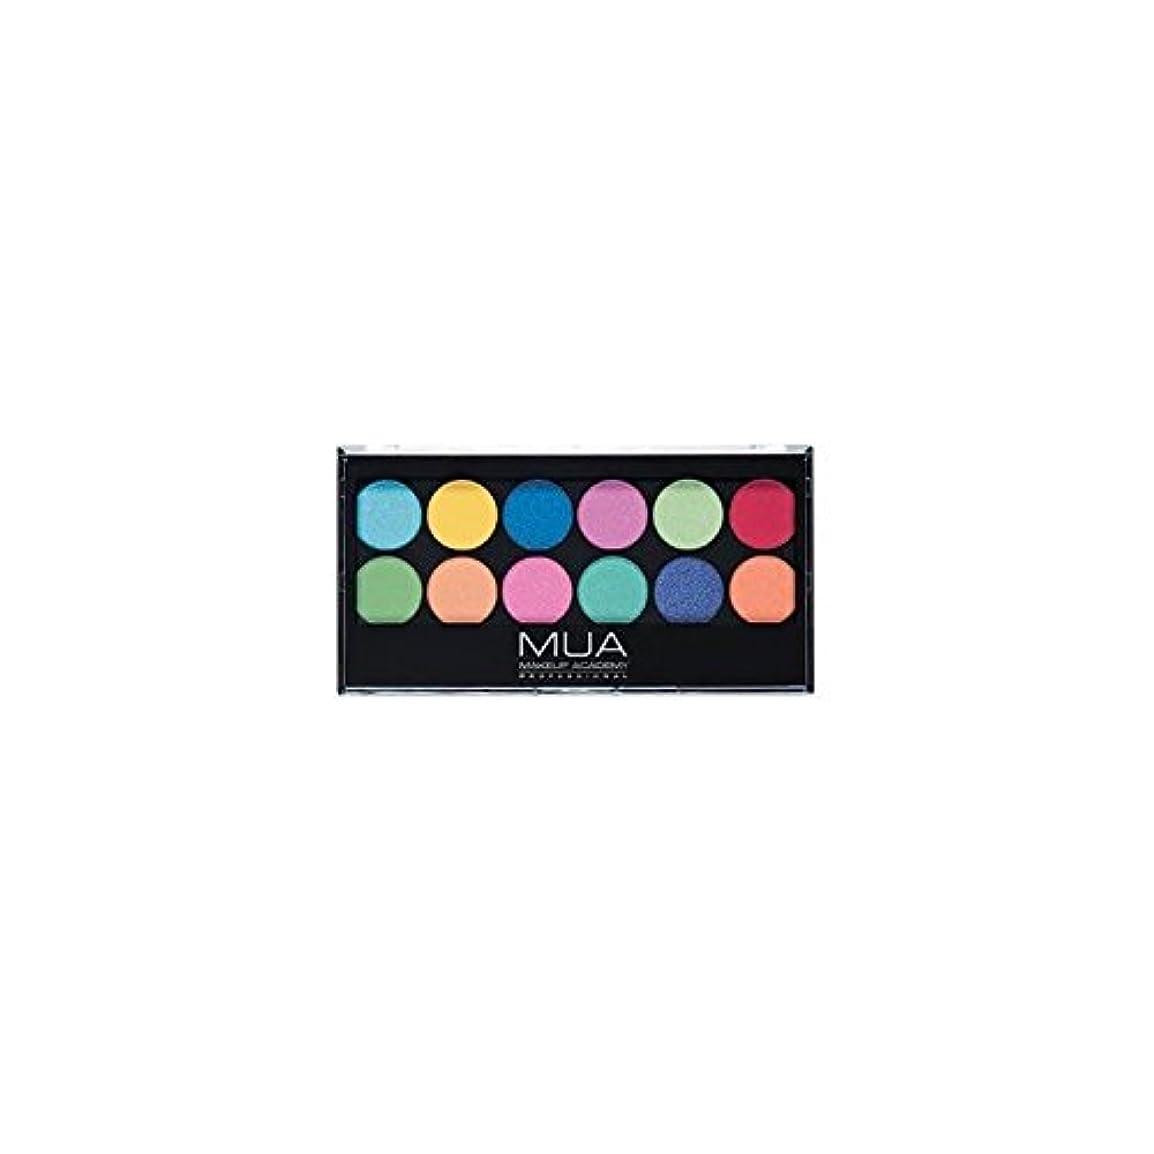 迷路労苦鉱夫のアイシャドウパレット - サイレントディスコ x2 - MUA Eyeshadow Palette - Silent Disco (Pack of 2) [並行輸入品]